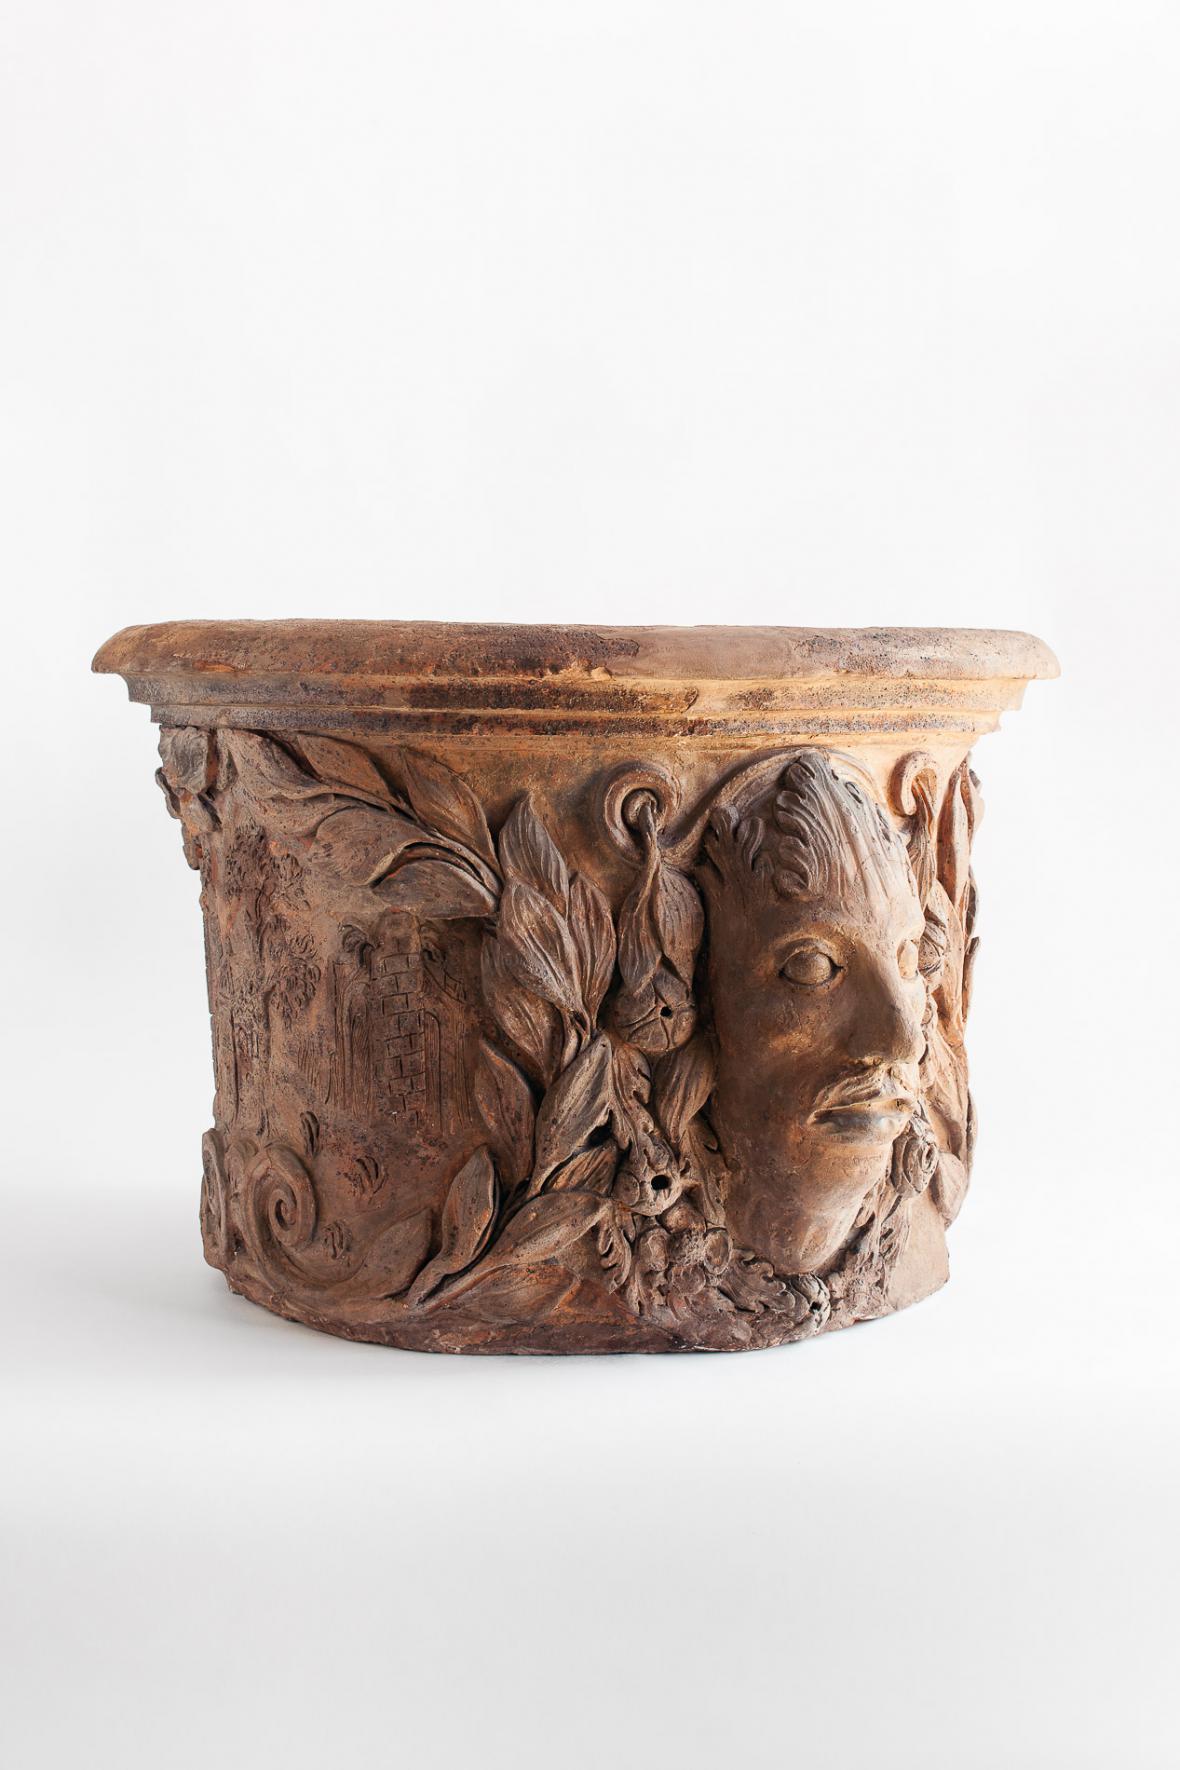 Váza s maskaronem a rytou kresbou